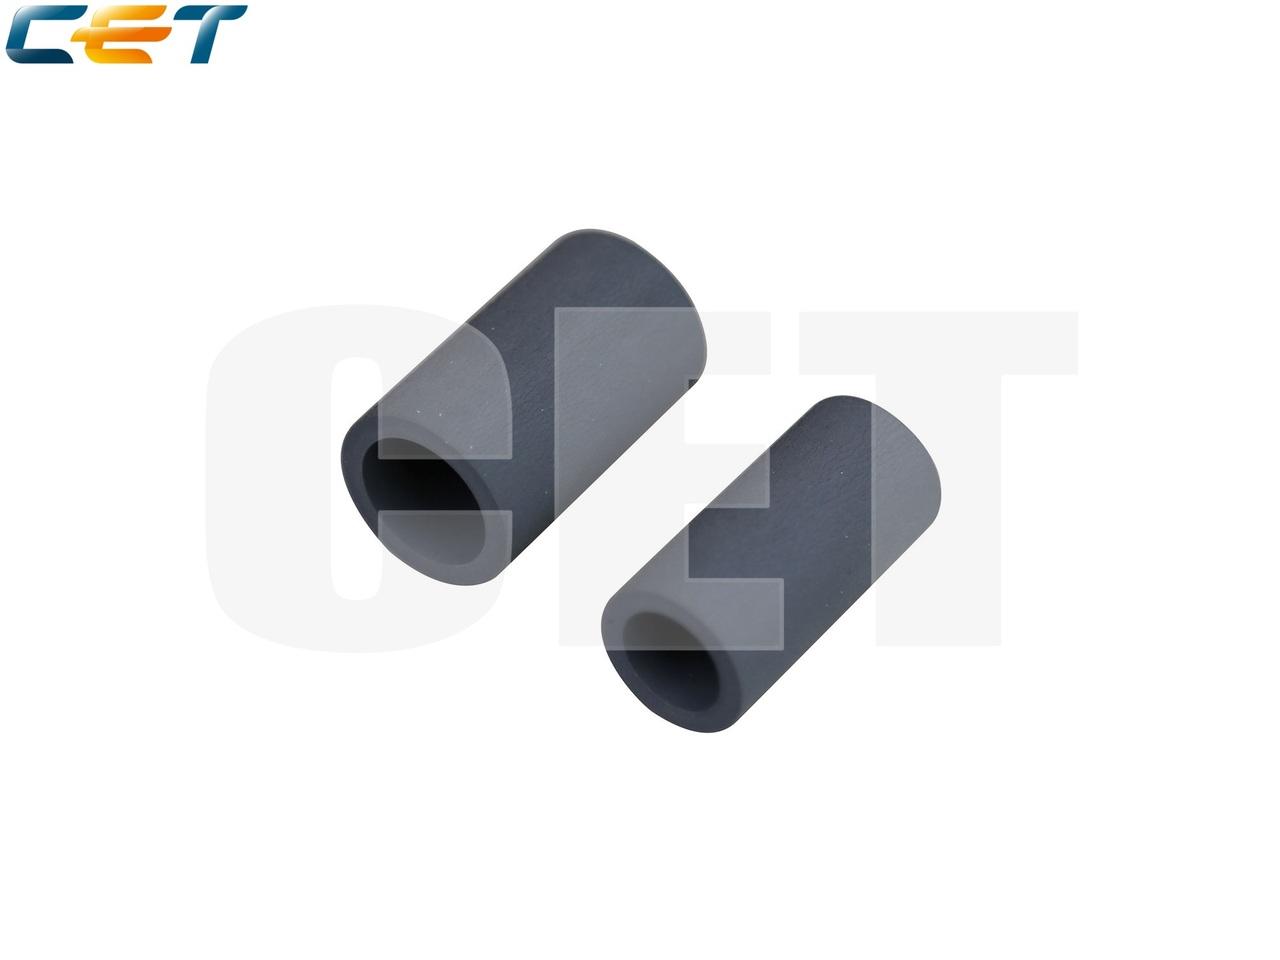 Комплект резинок роликов ADF 059K31281, 059K31270 дляXEROX WorkCentre 7132/7328/7425 (CET), CET7917